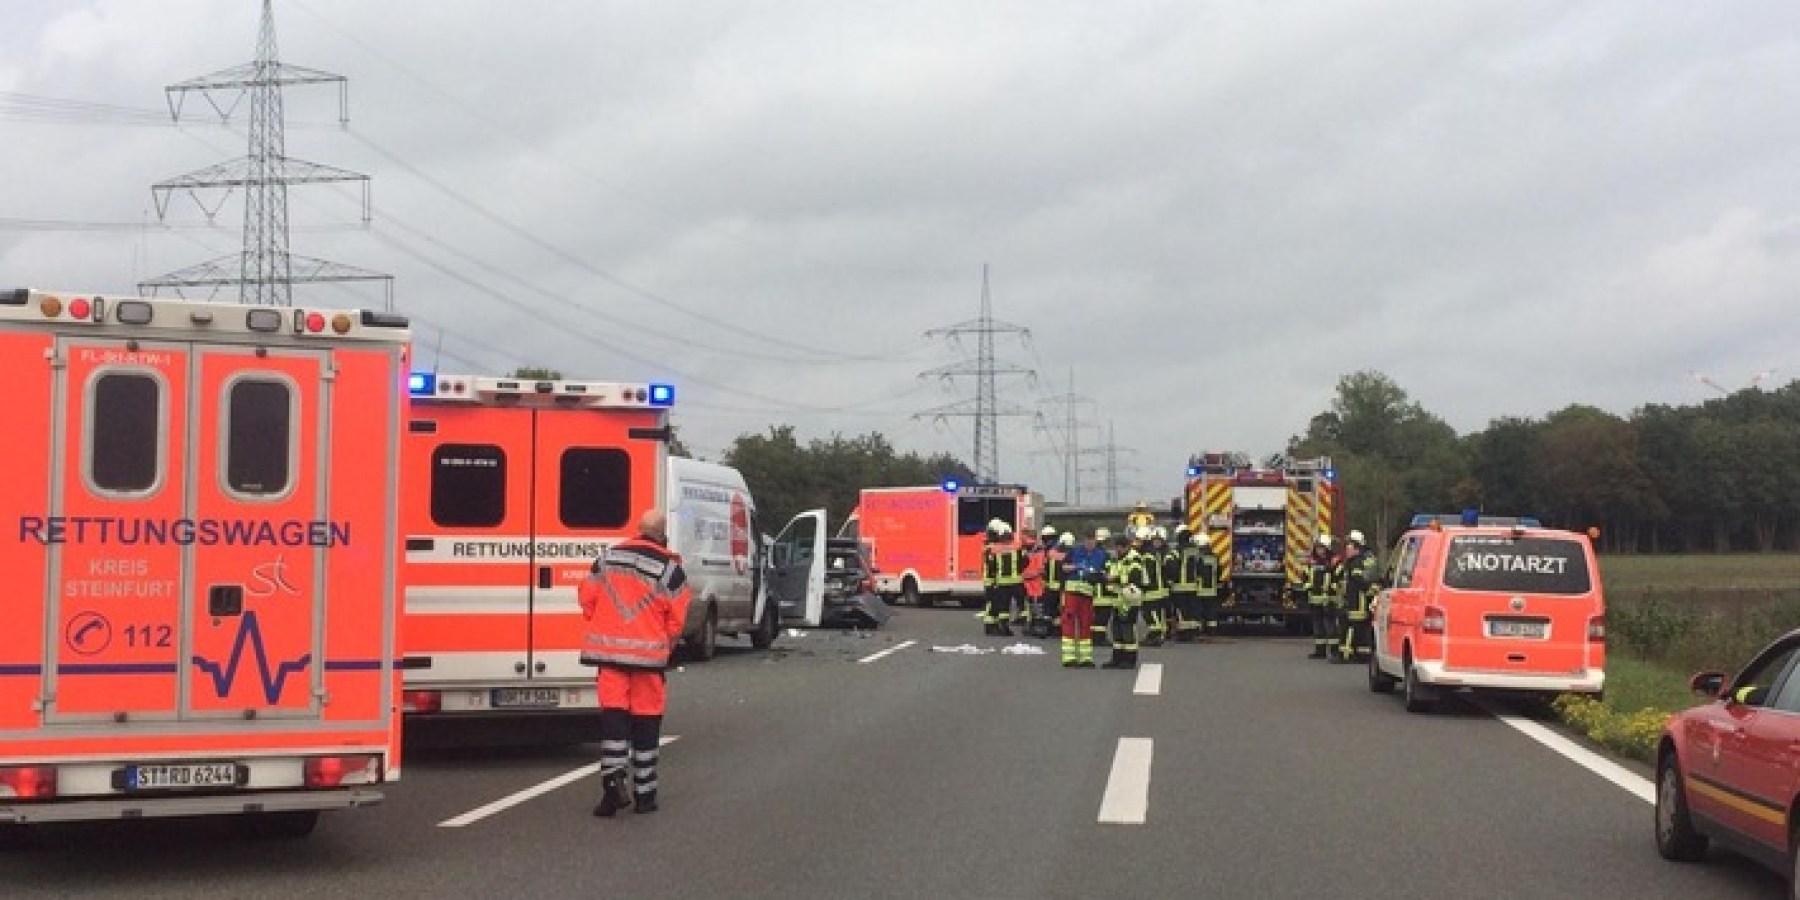 Bild zum Stauend-Unfall auf der A 31